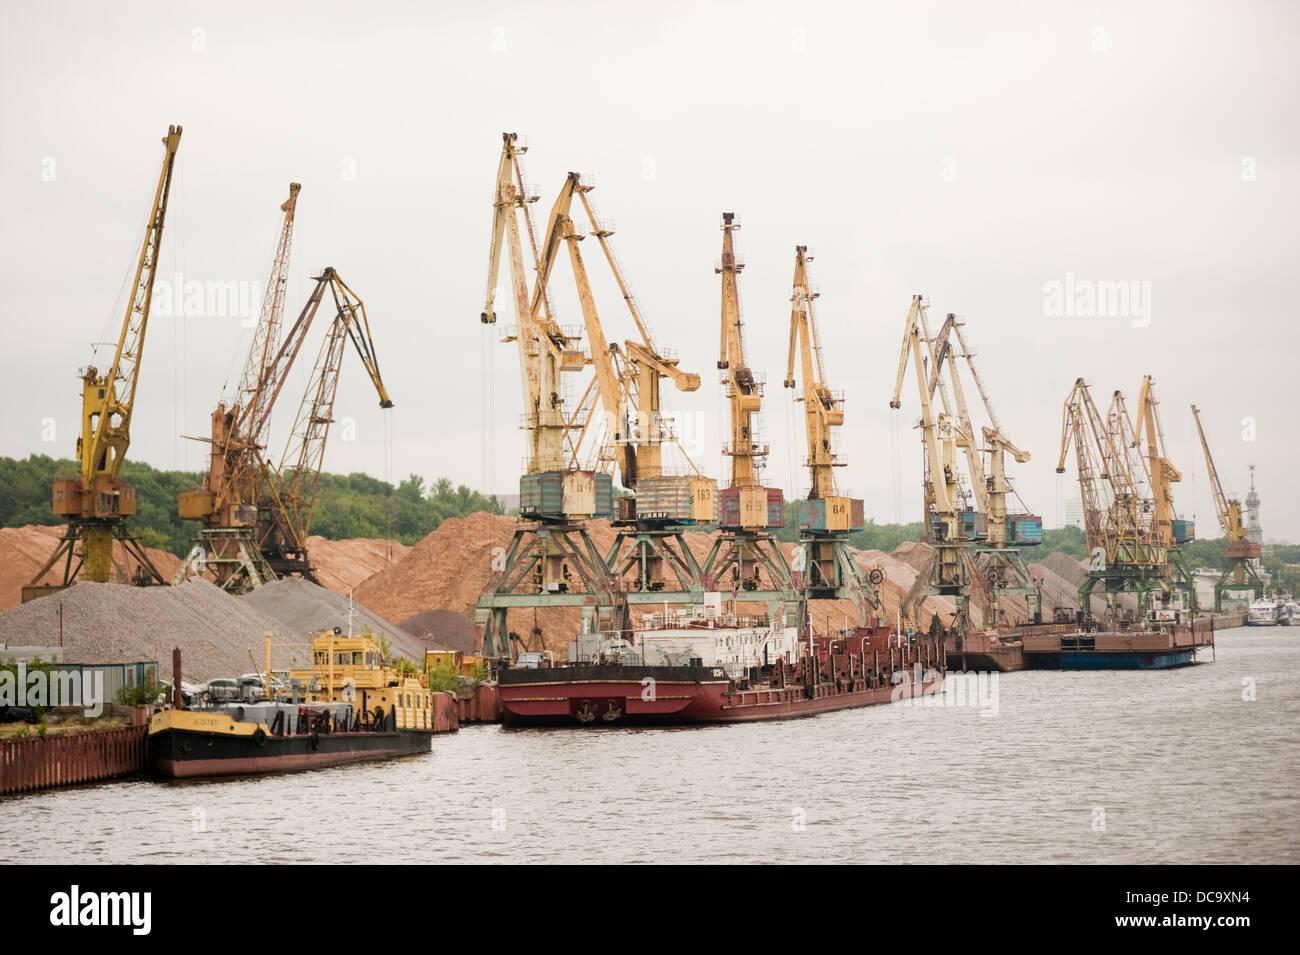 Sabbia e ghiaia porta di carico lungo il canale di Mosca e le navi caricate in Russia Immagini Stock